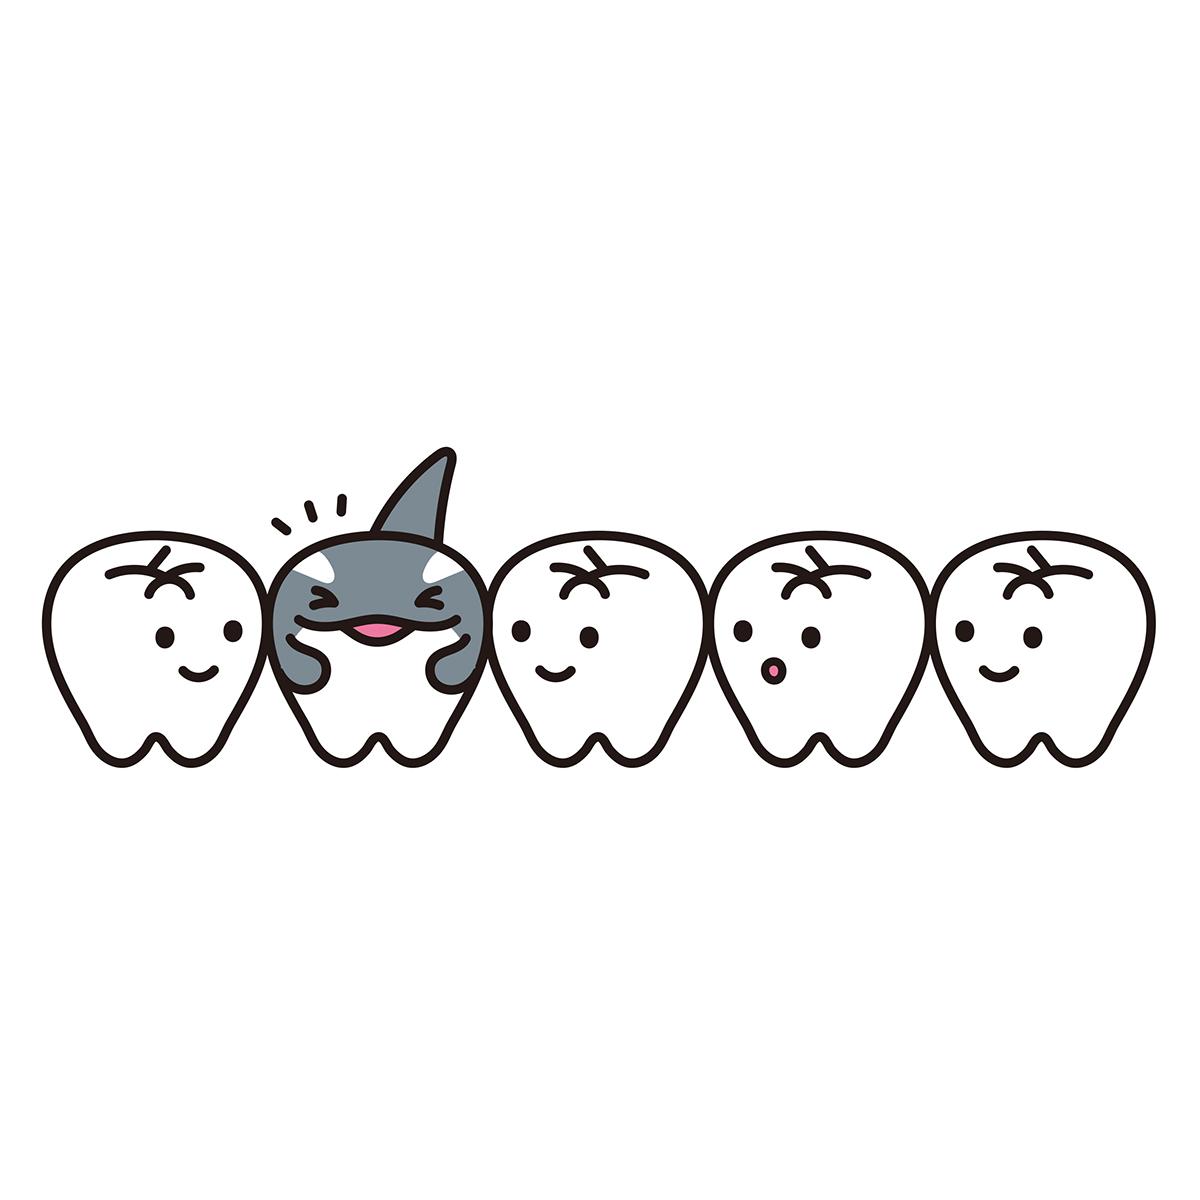 あまの歯科ファミリークリニック キャラクター